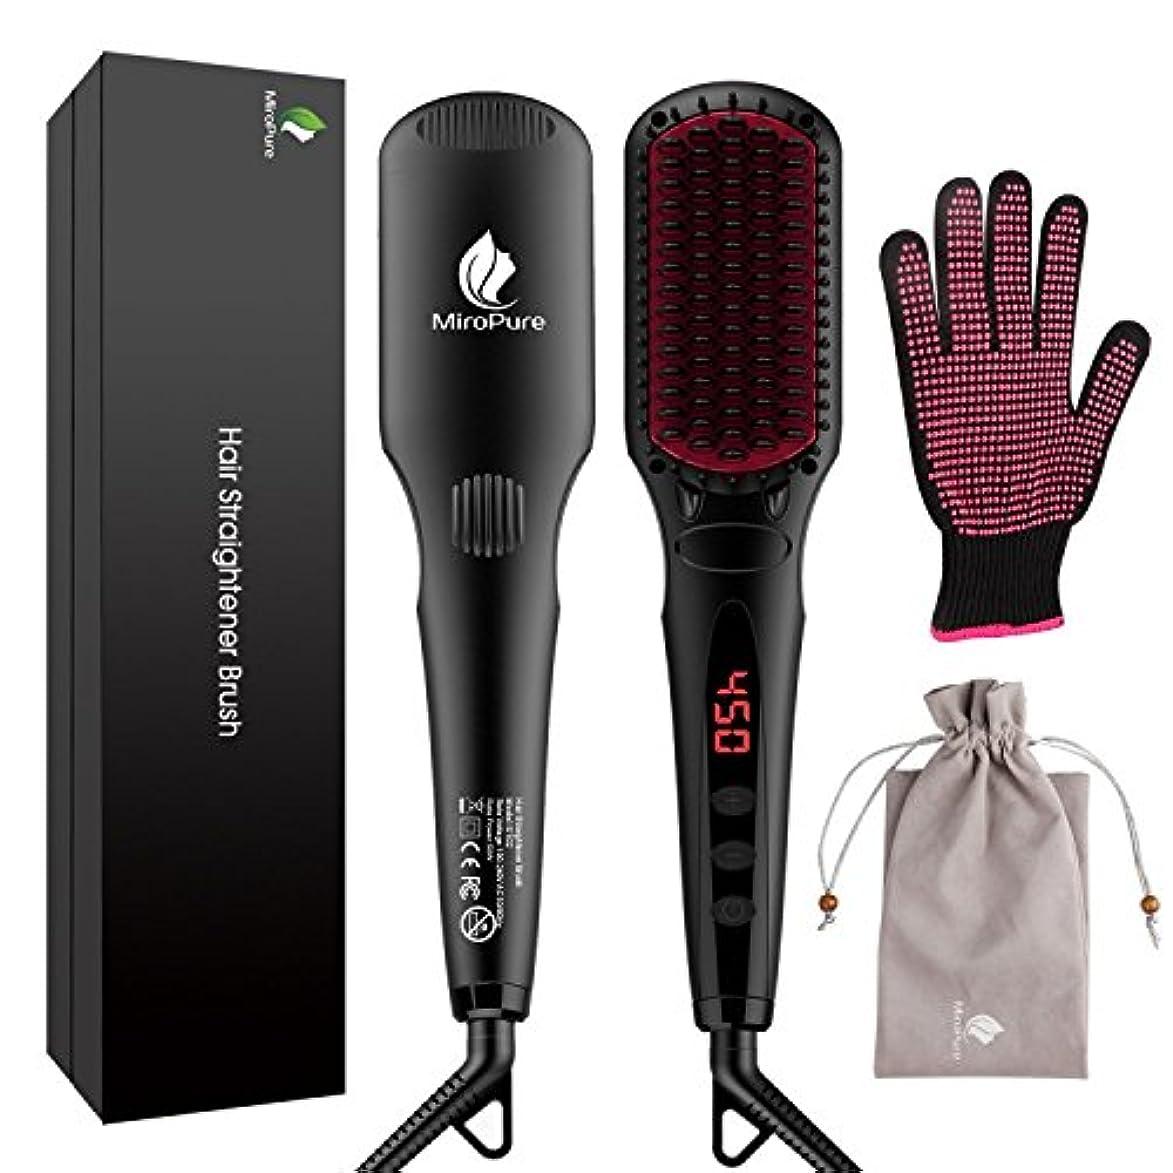 後方継続中に向けて出発MiroPure 2 in 1 Ionic Hair Straightener Brush ヘアストレートヘアブラシ with Heat Resistant Glove and Temperature Lock Function...